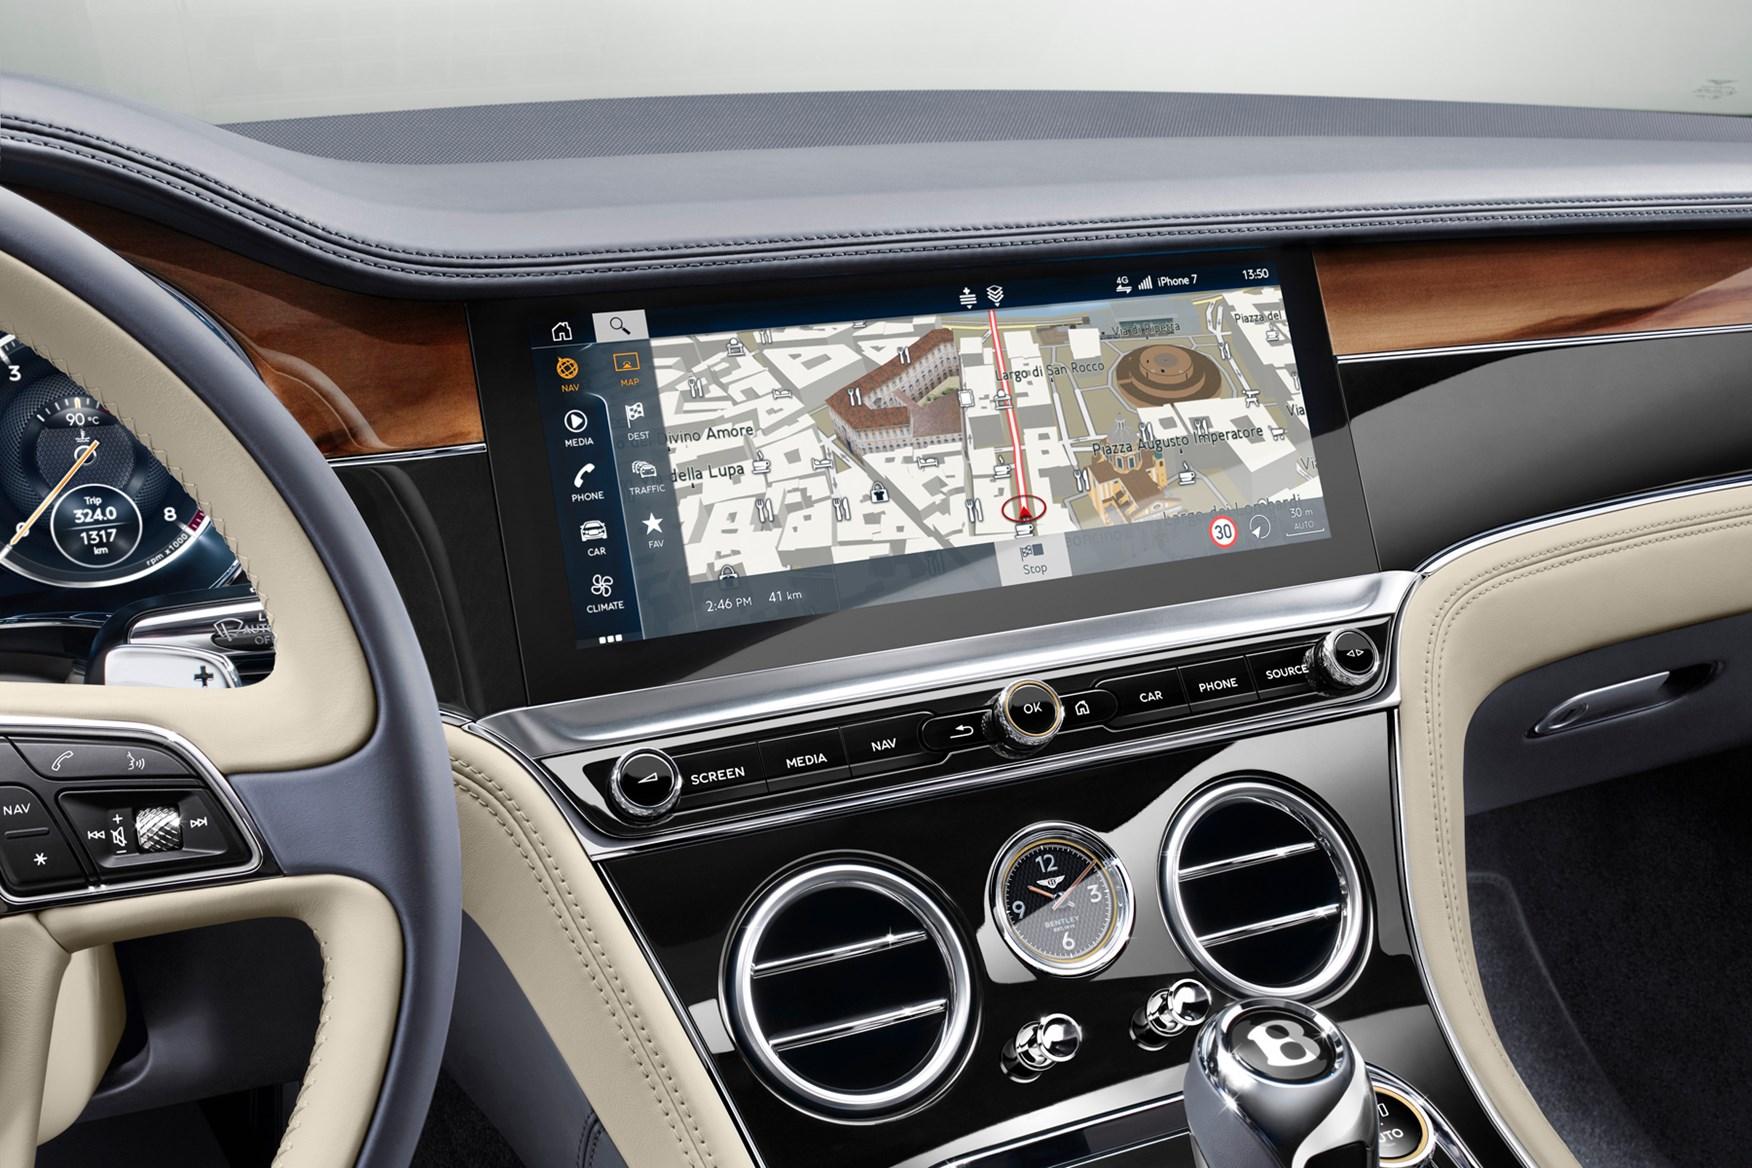 Bentley Continental GT multimedia screen